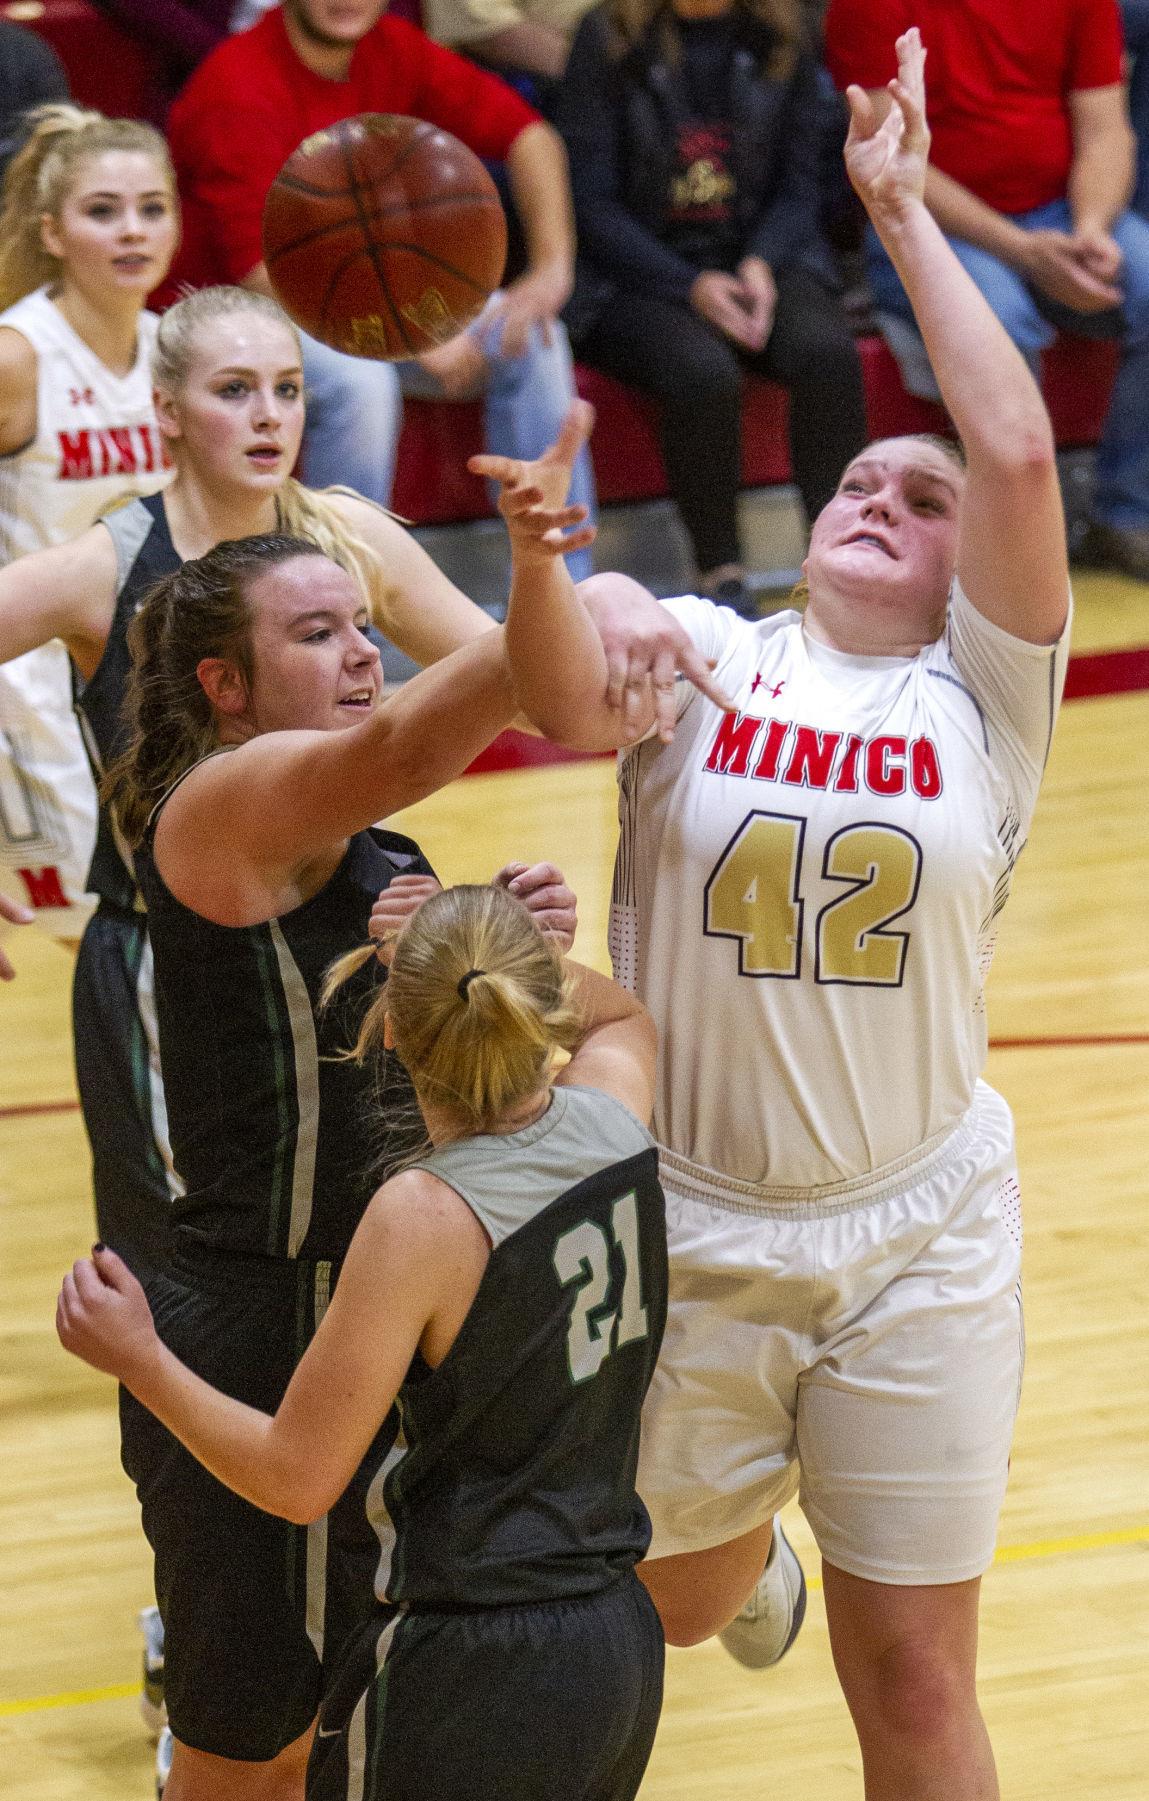 Minico vs Burley girls basketball FILE